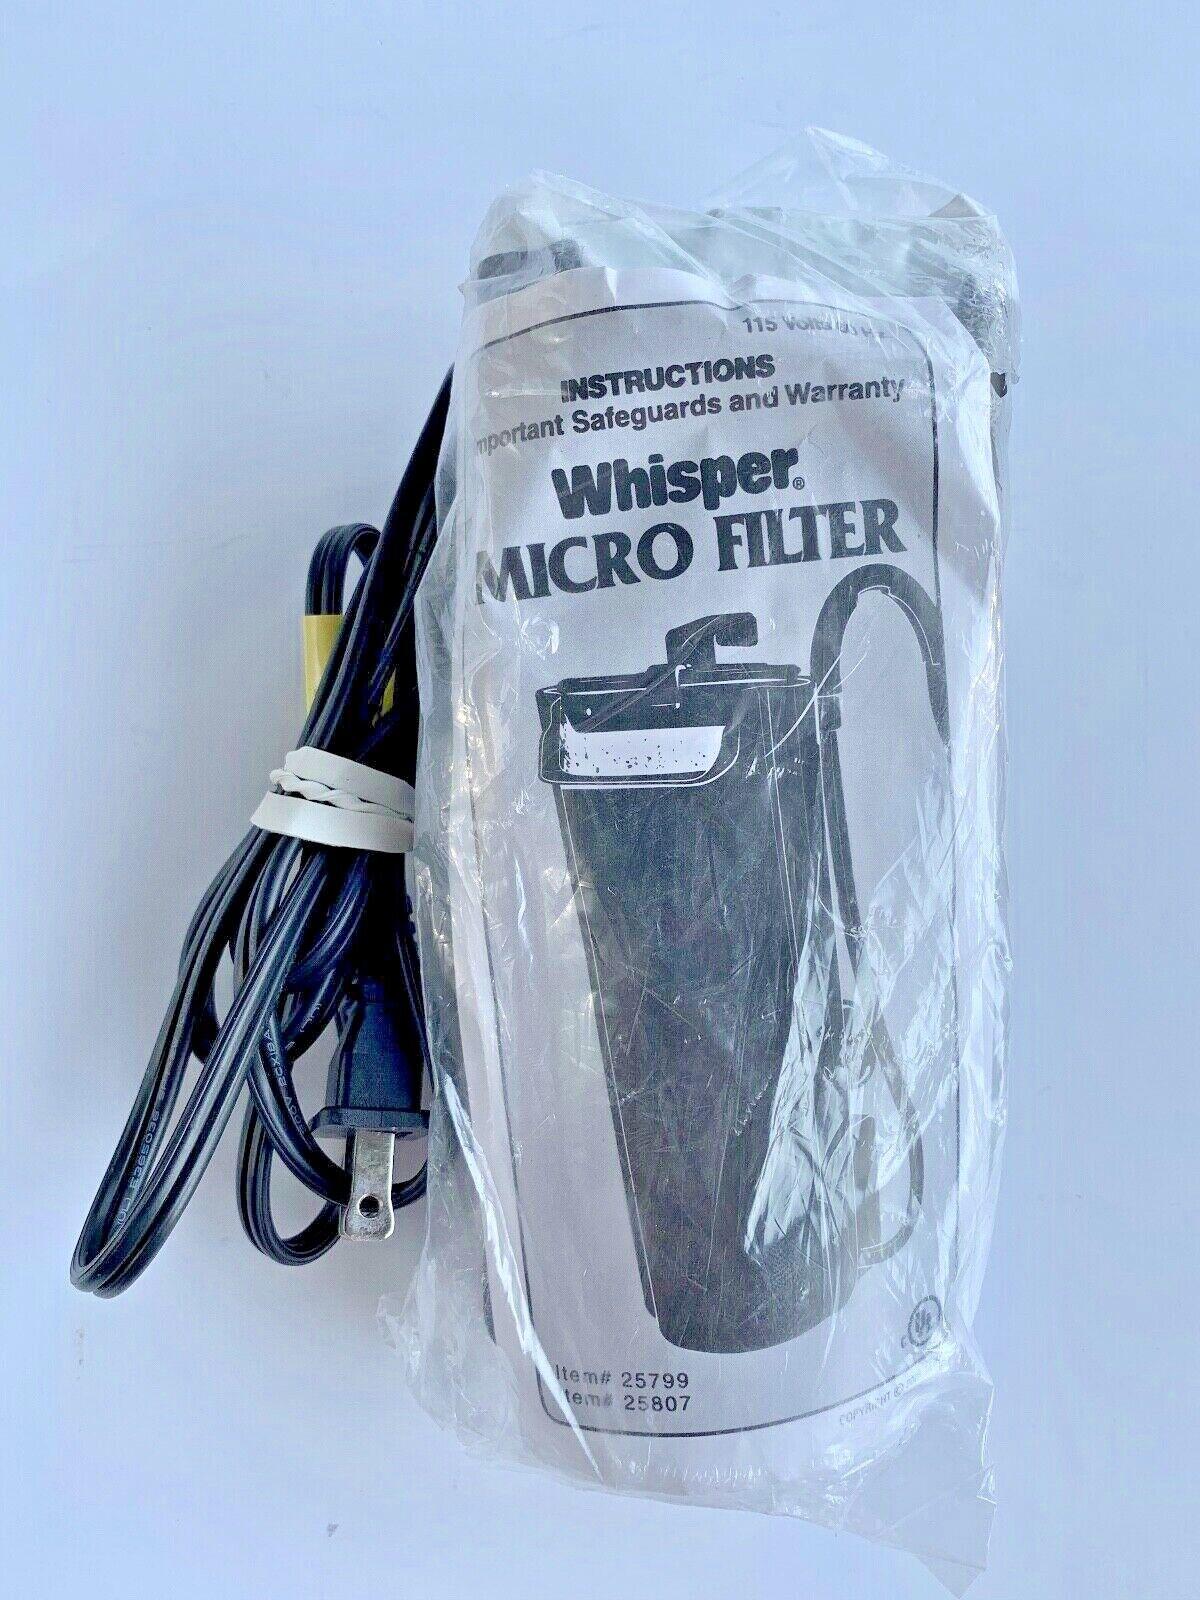 AQUARIUM WHISPER Micro Filter Model 25799/25807. - $19.99